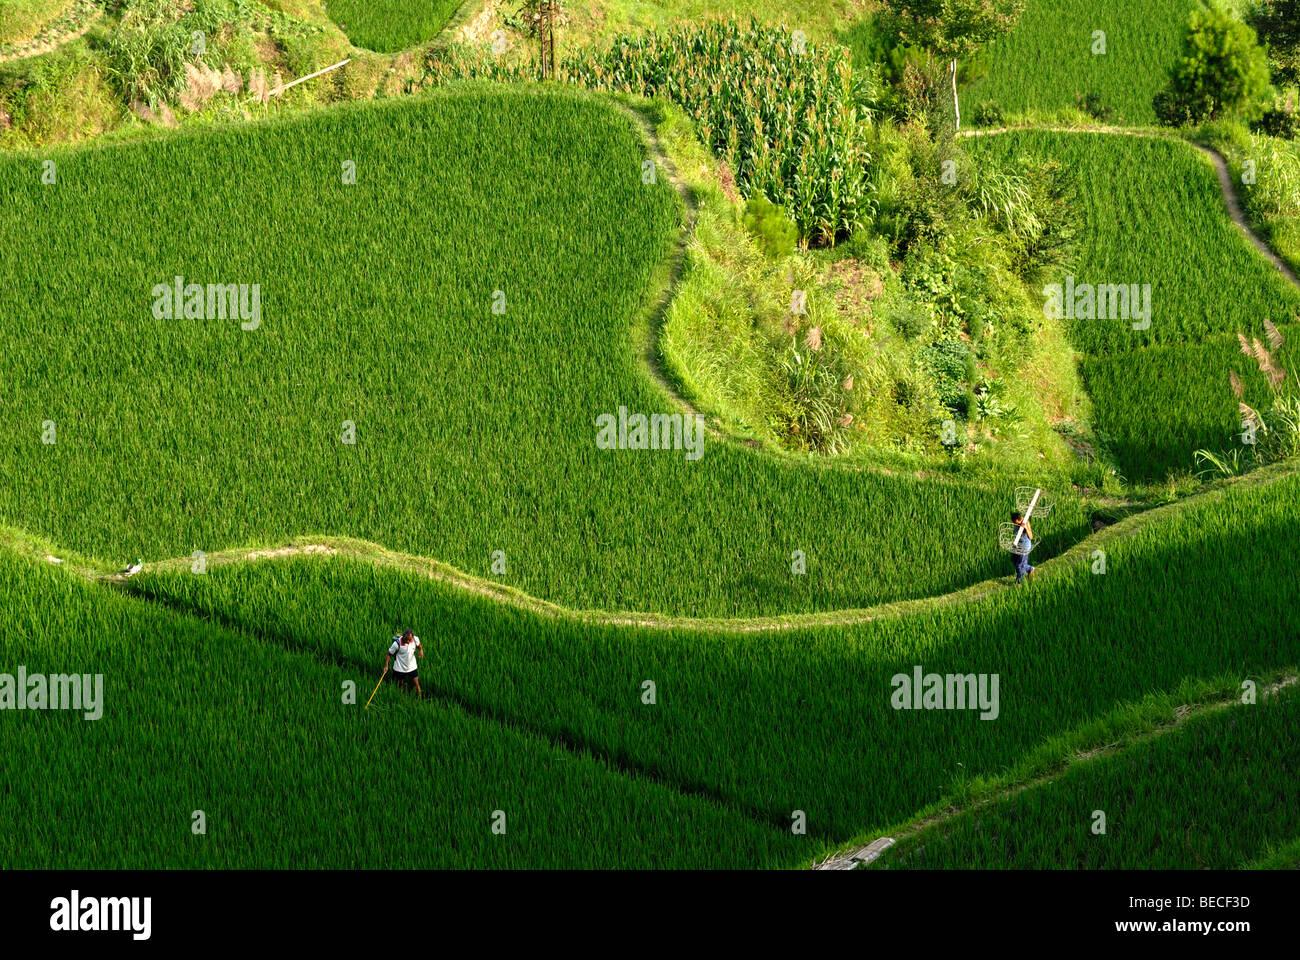 Kinsman of the Miao Minority working in the rice terraces of Xijiang, Guizhou, Southern China Stock Photo